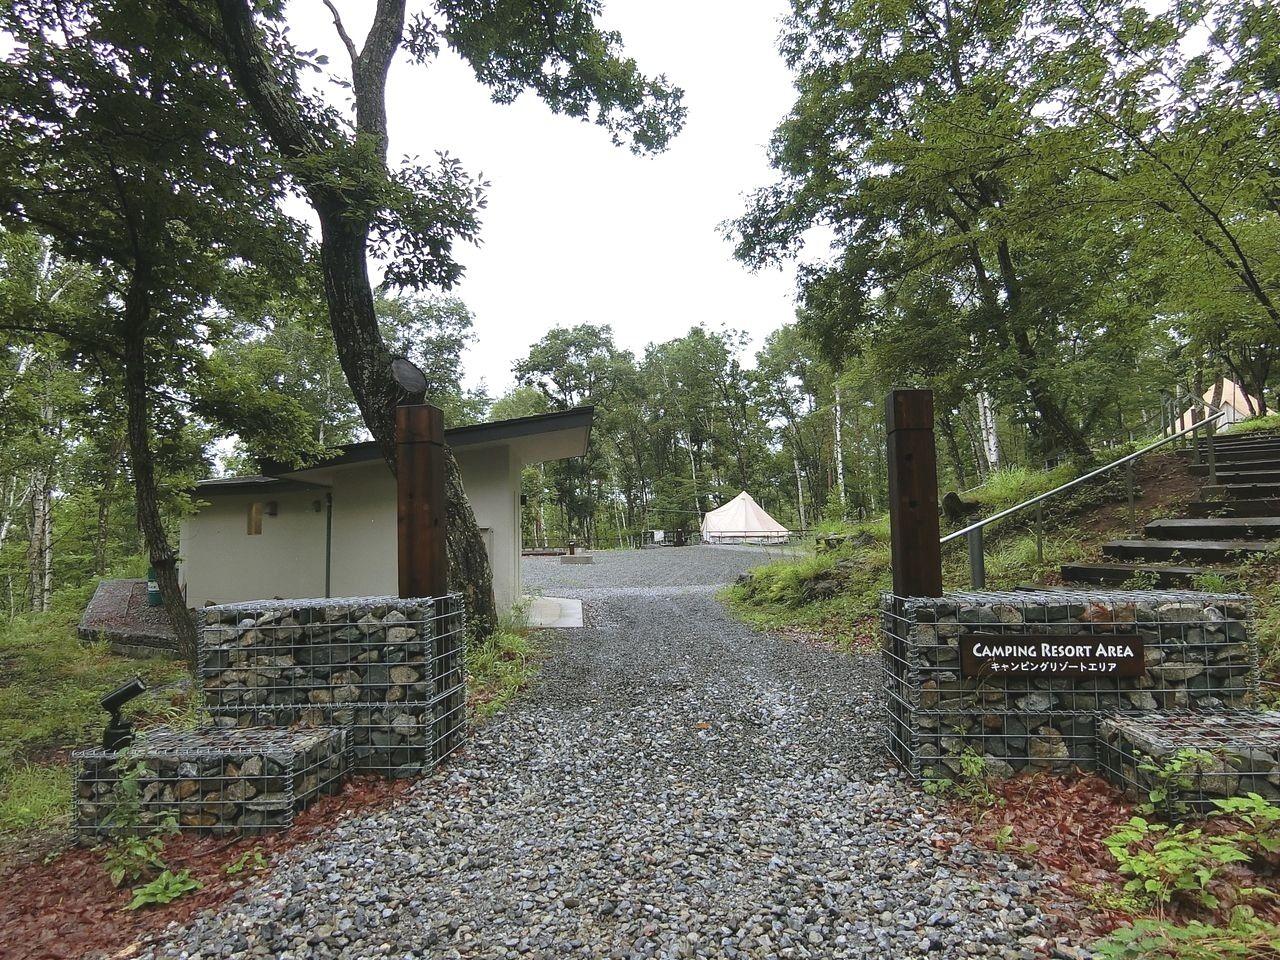 板橋区立八ヶ岳荘の野外施設